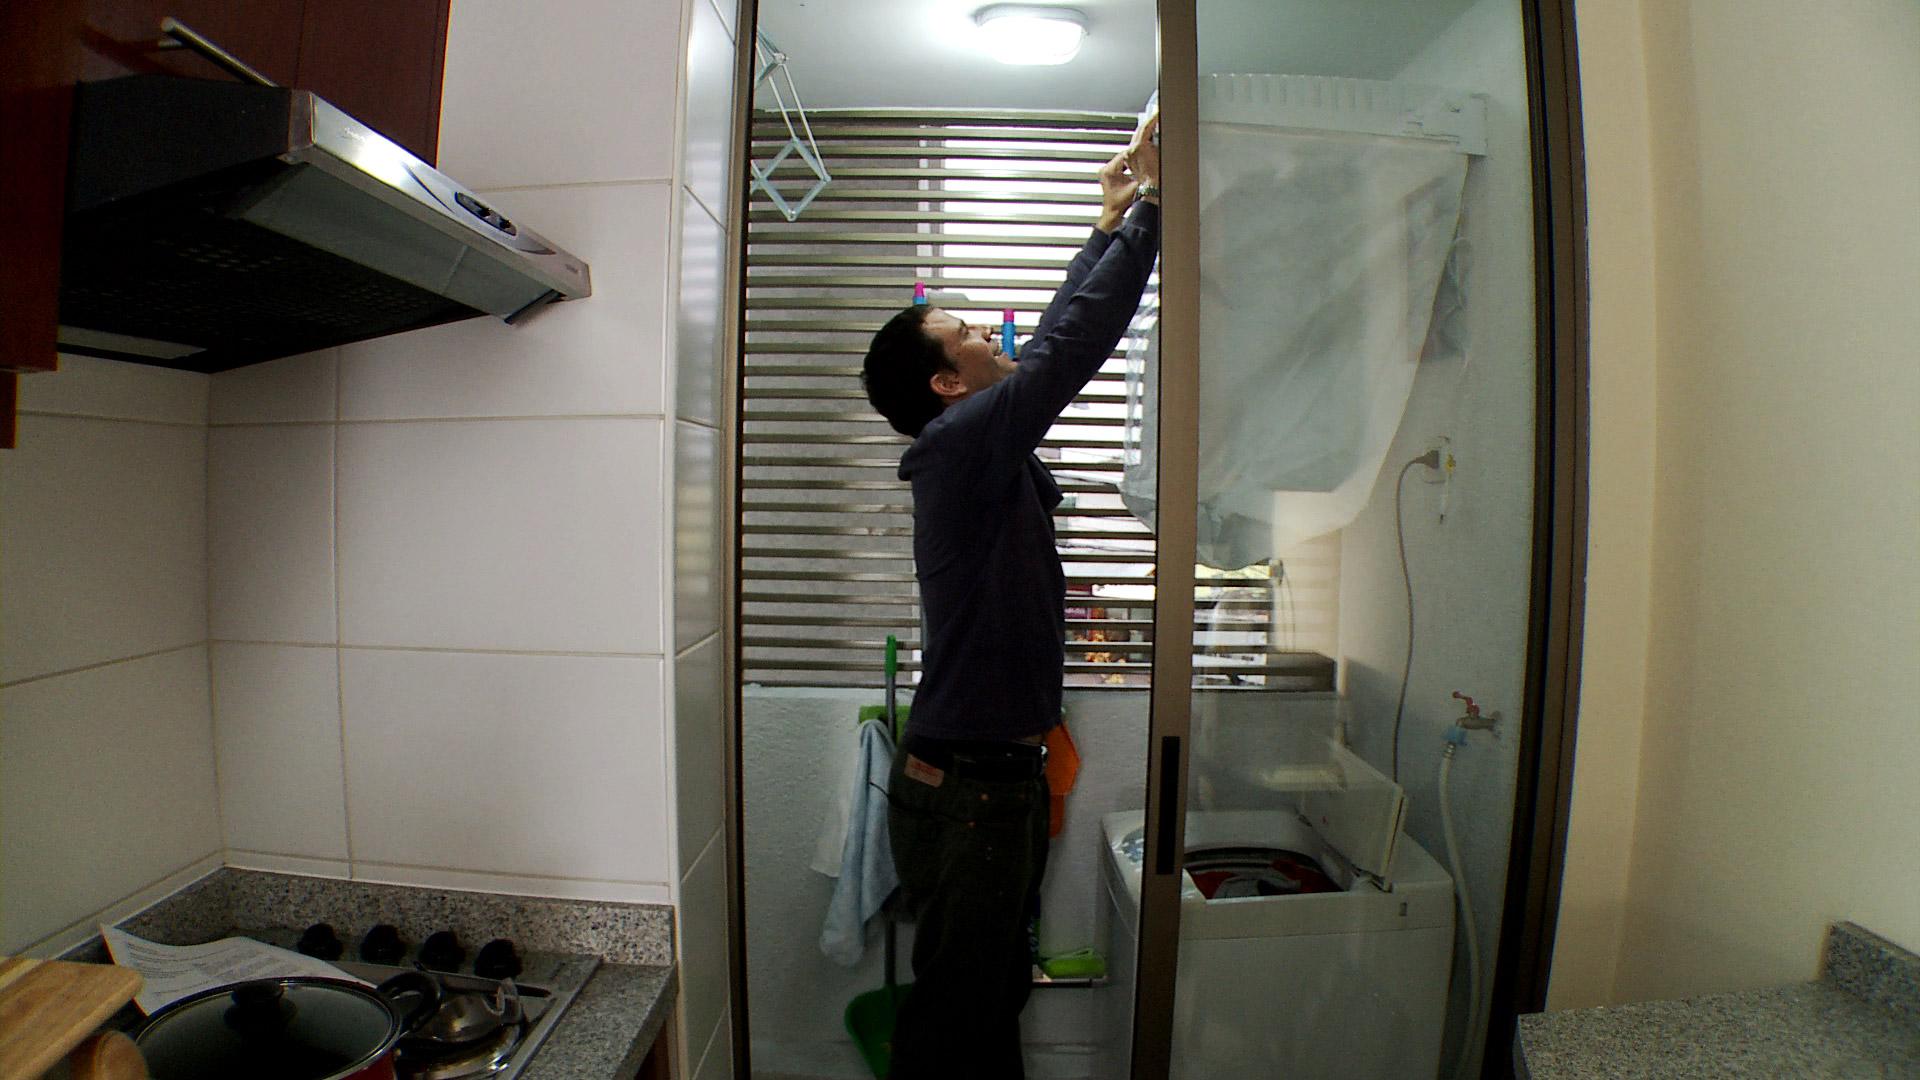 En invierno las loggias son súper importantes, aquí lavamos, secamos la ropa y guardamos los detergentes. Como es común que los espacios sean chicos, nos tenemos que preocupar de aprovechar el espacio al máximo para poder hacer todas las actividades cómodamente.